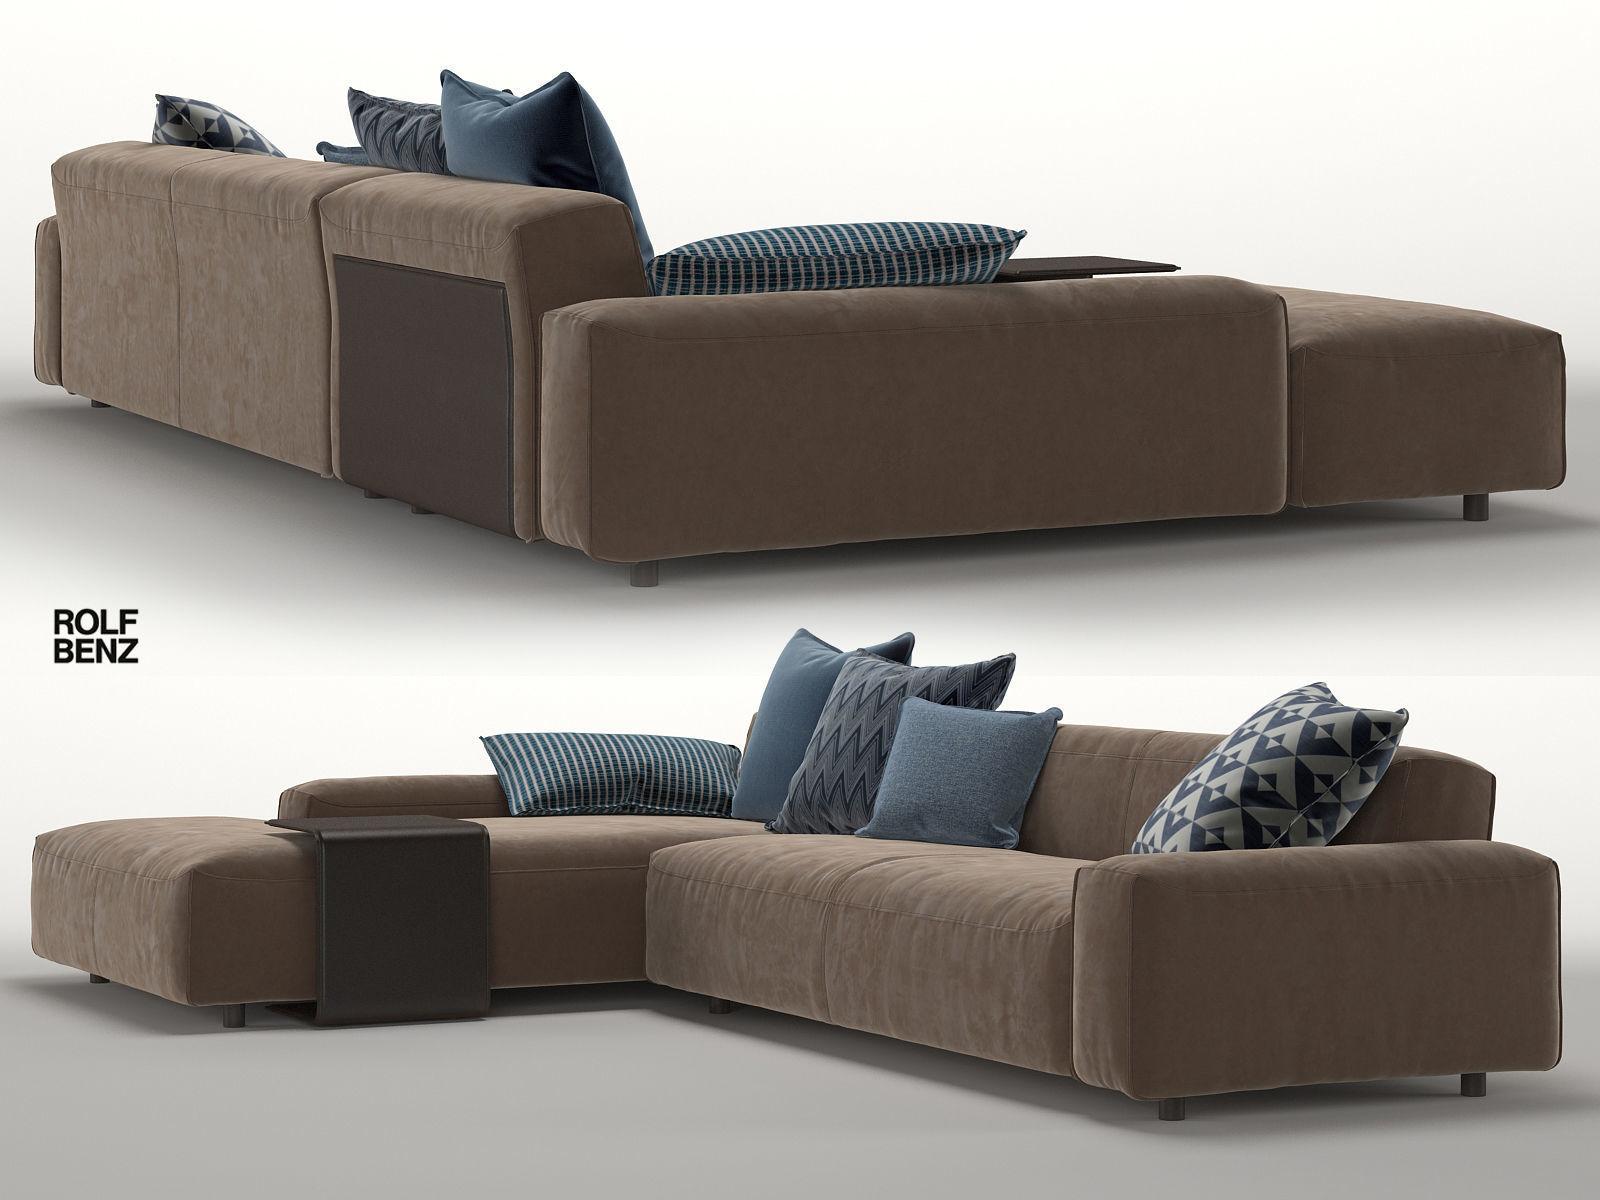 Unglaublich Sofa Benz Dekoration Von Rolf Mio 3d Model Max Fbx 1